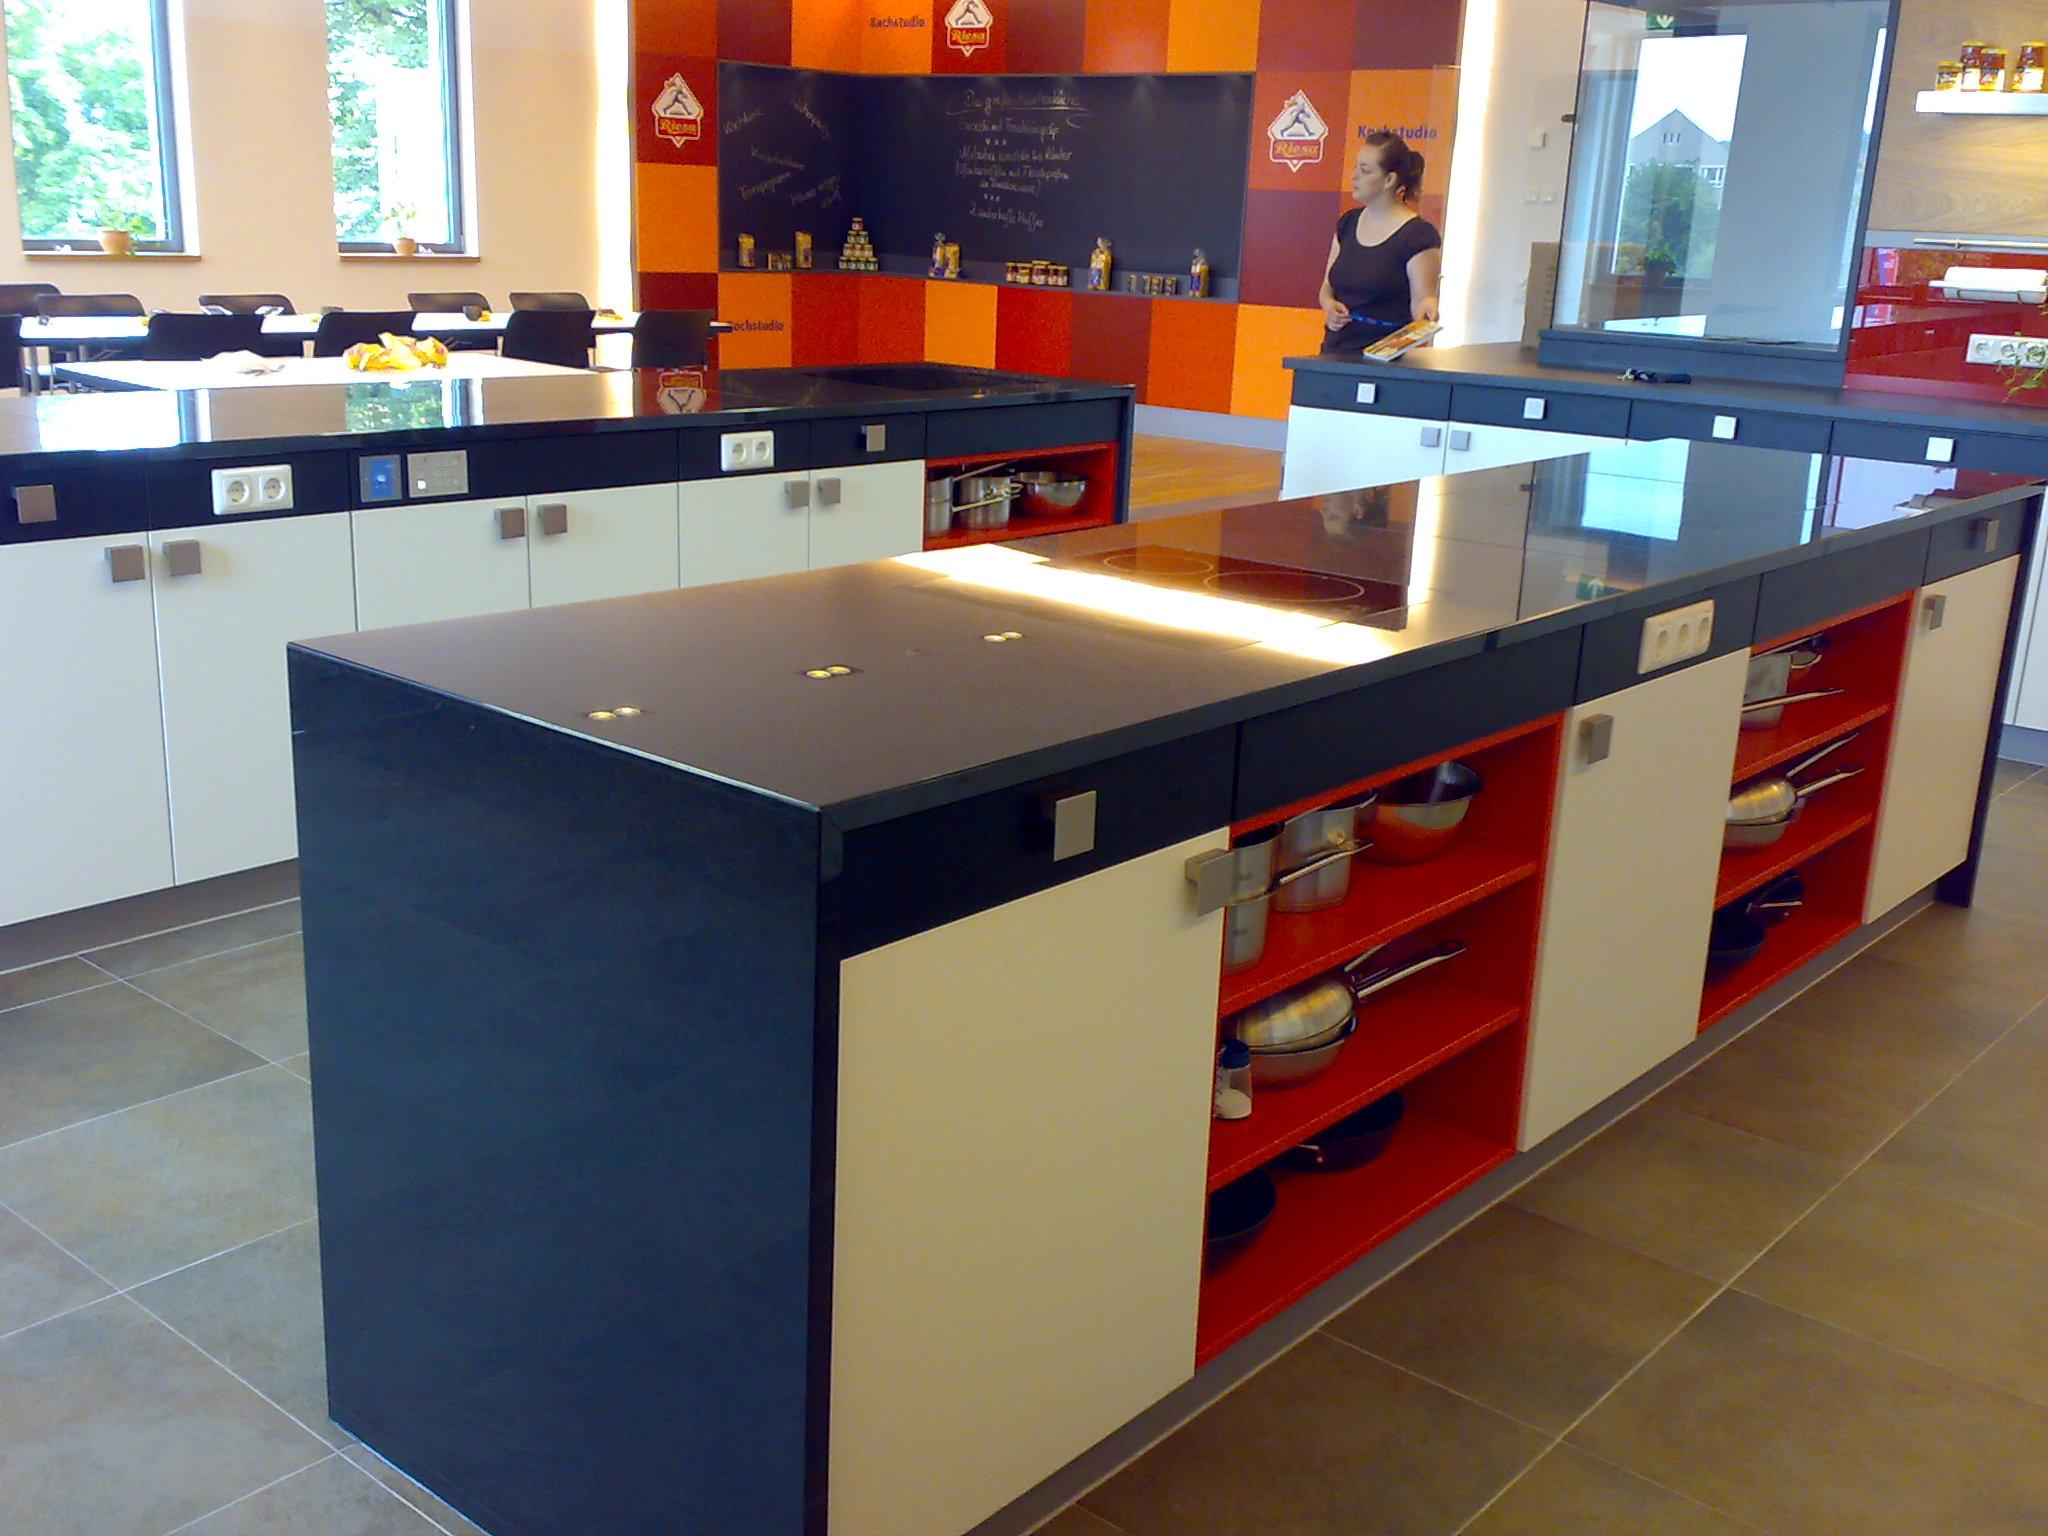 Küchenblock mit Arbeitsplatten